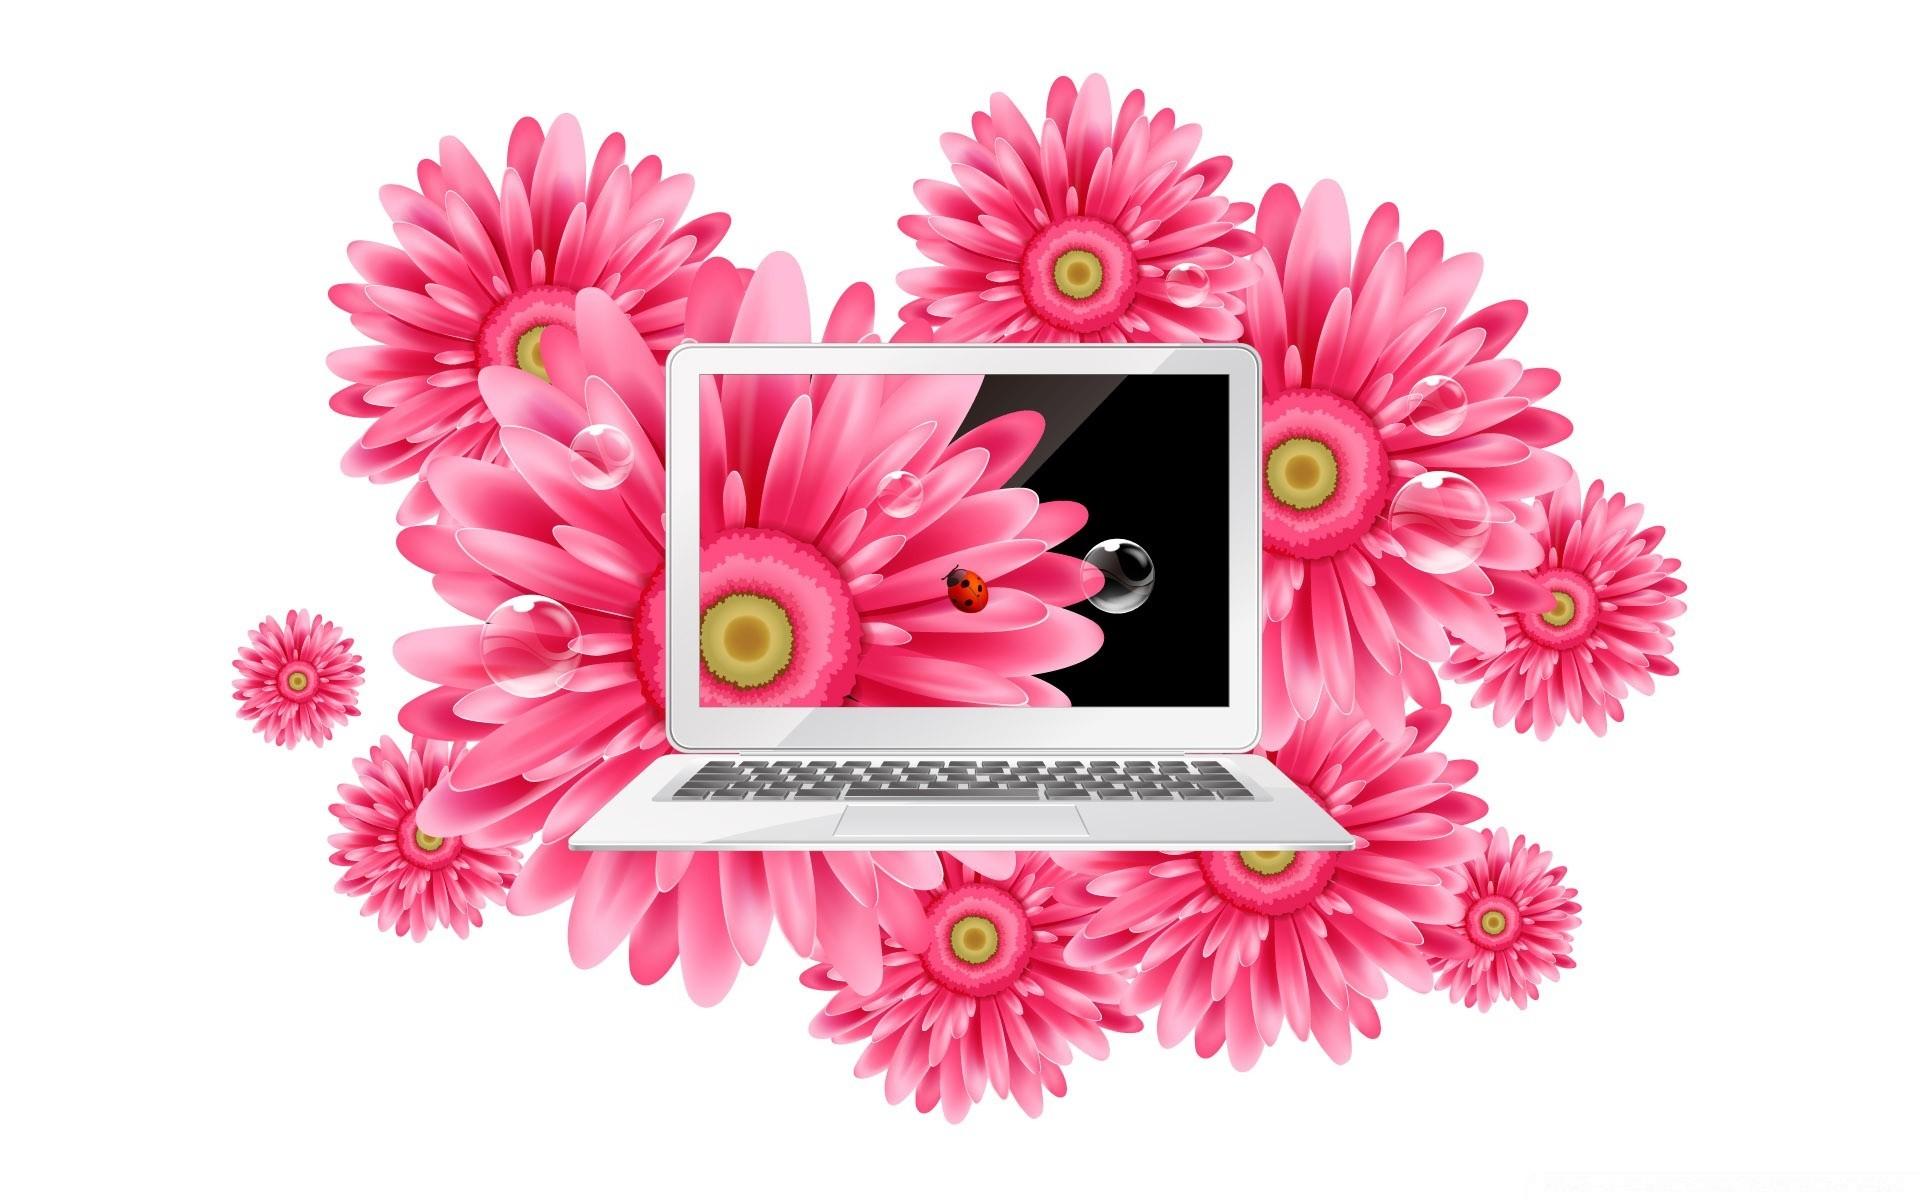 Открытка компьютера